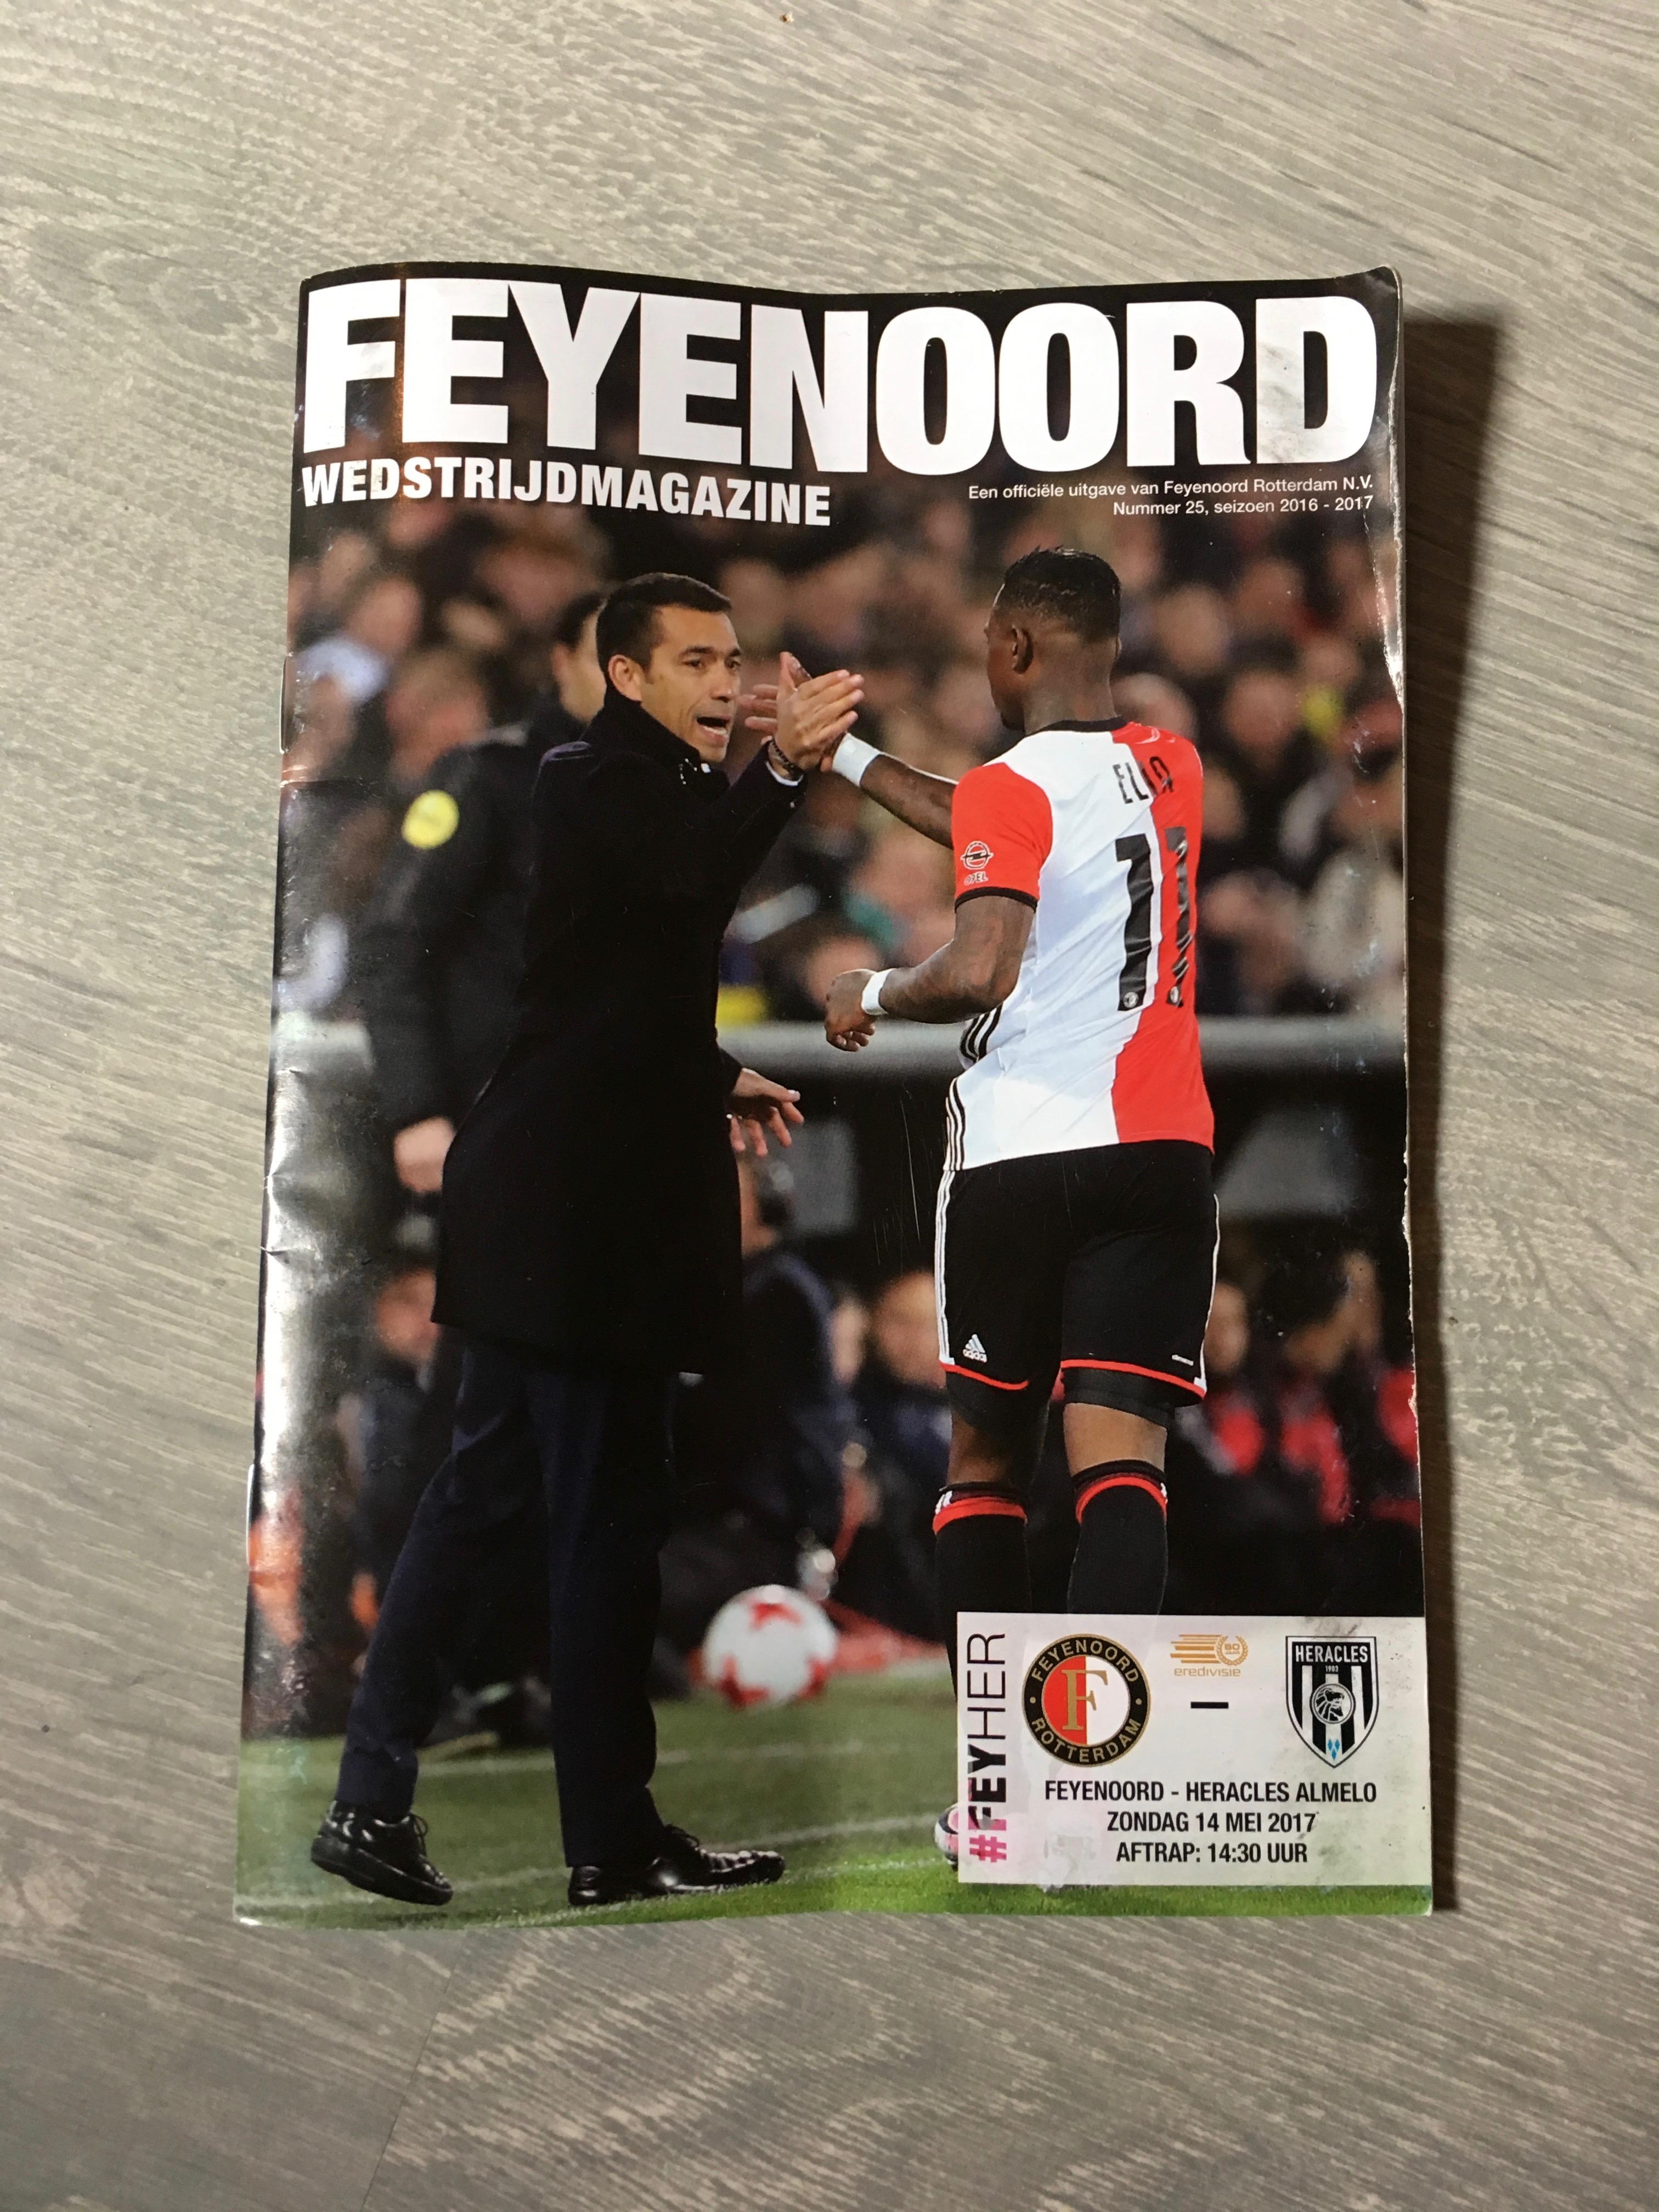 Kampioenswedstrijd Feyenoord - Heracles 14 mei 2017